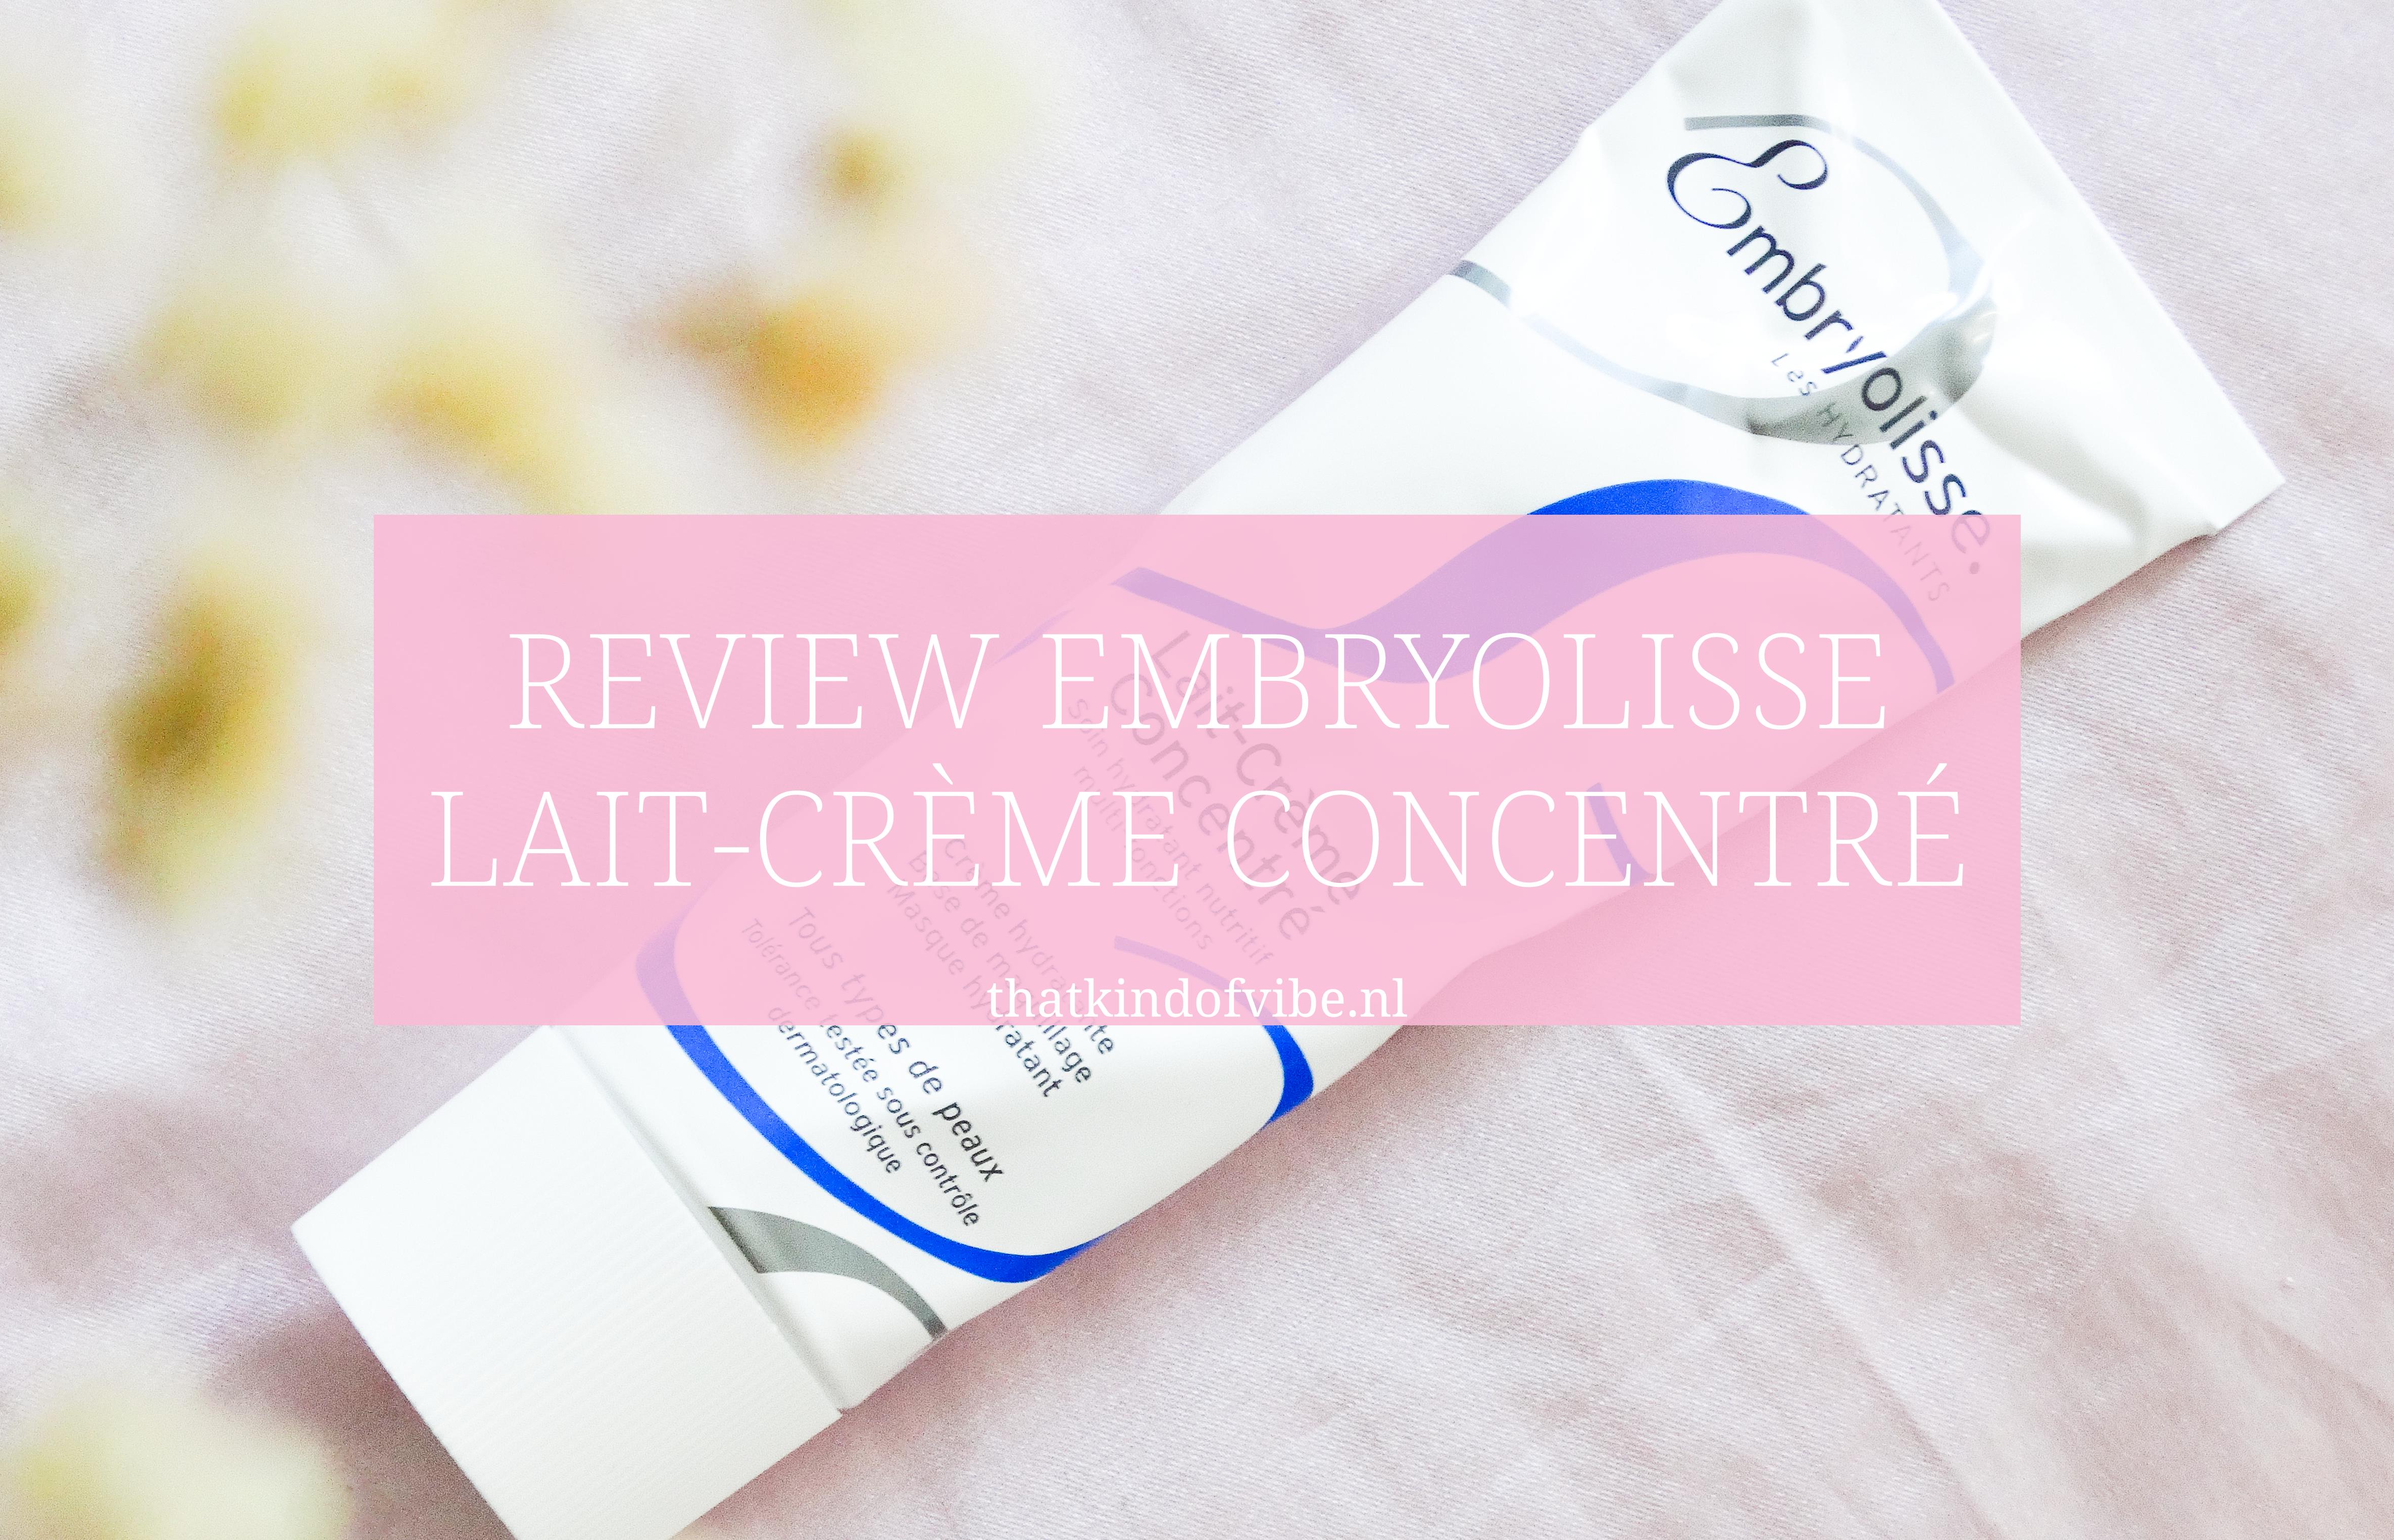 Review Embryolisse Lait-Crème Concentré